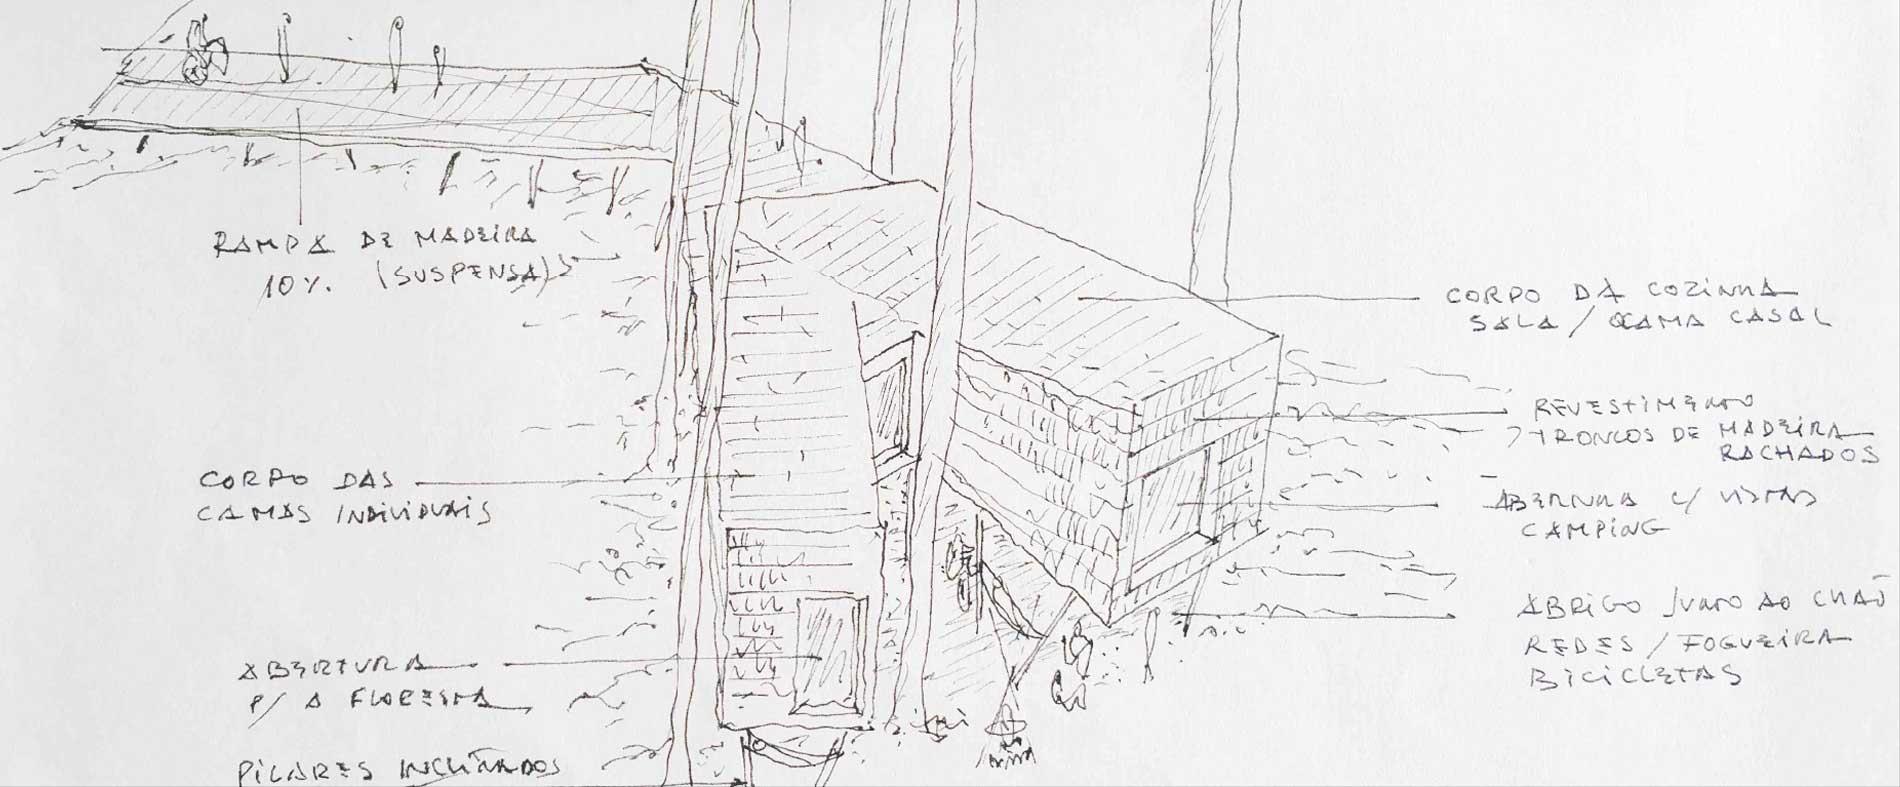 camping-branch-lightbox2